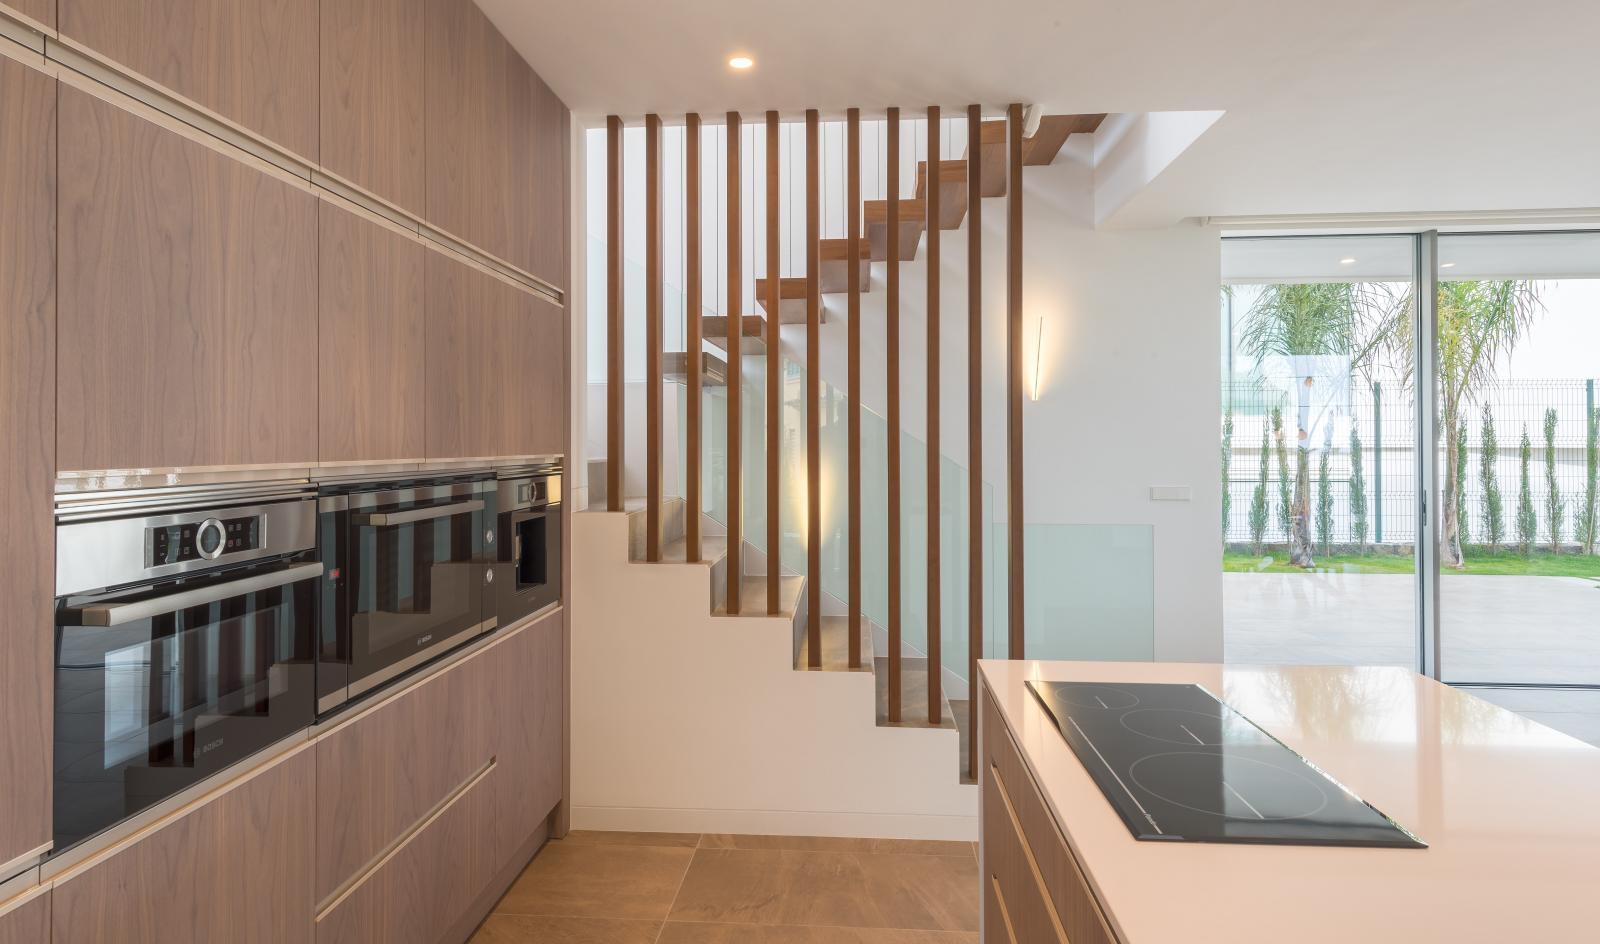 7. Brand new villa in Finestrat Alicante - Fantastic Brand New Villa in Finestrat, Alicante